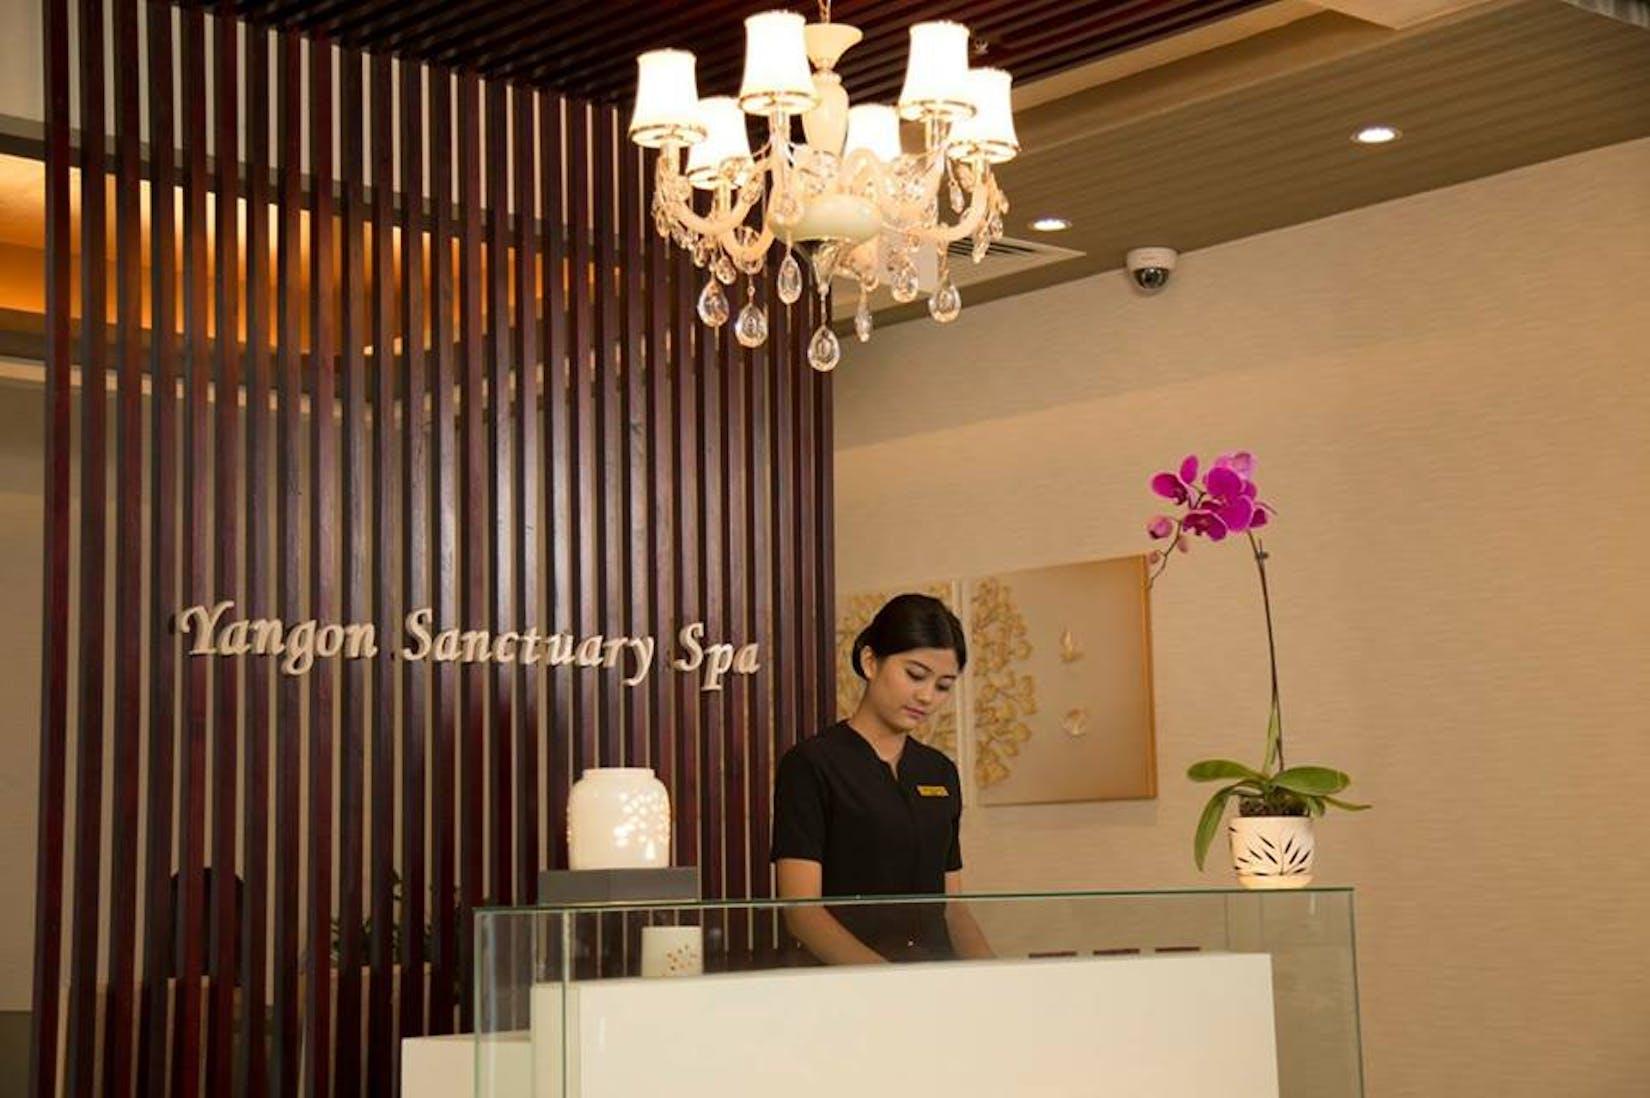 Yangon Sanctuary Spa, Myanmar Plaza Branch | Beauty